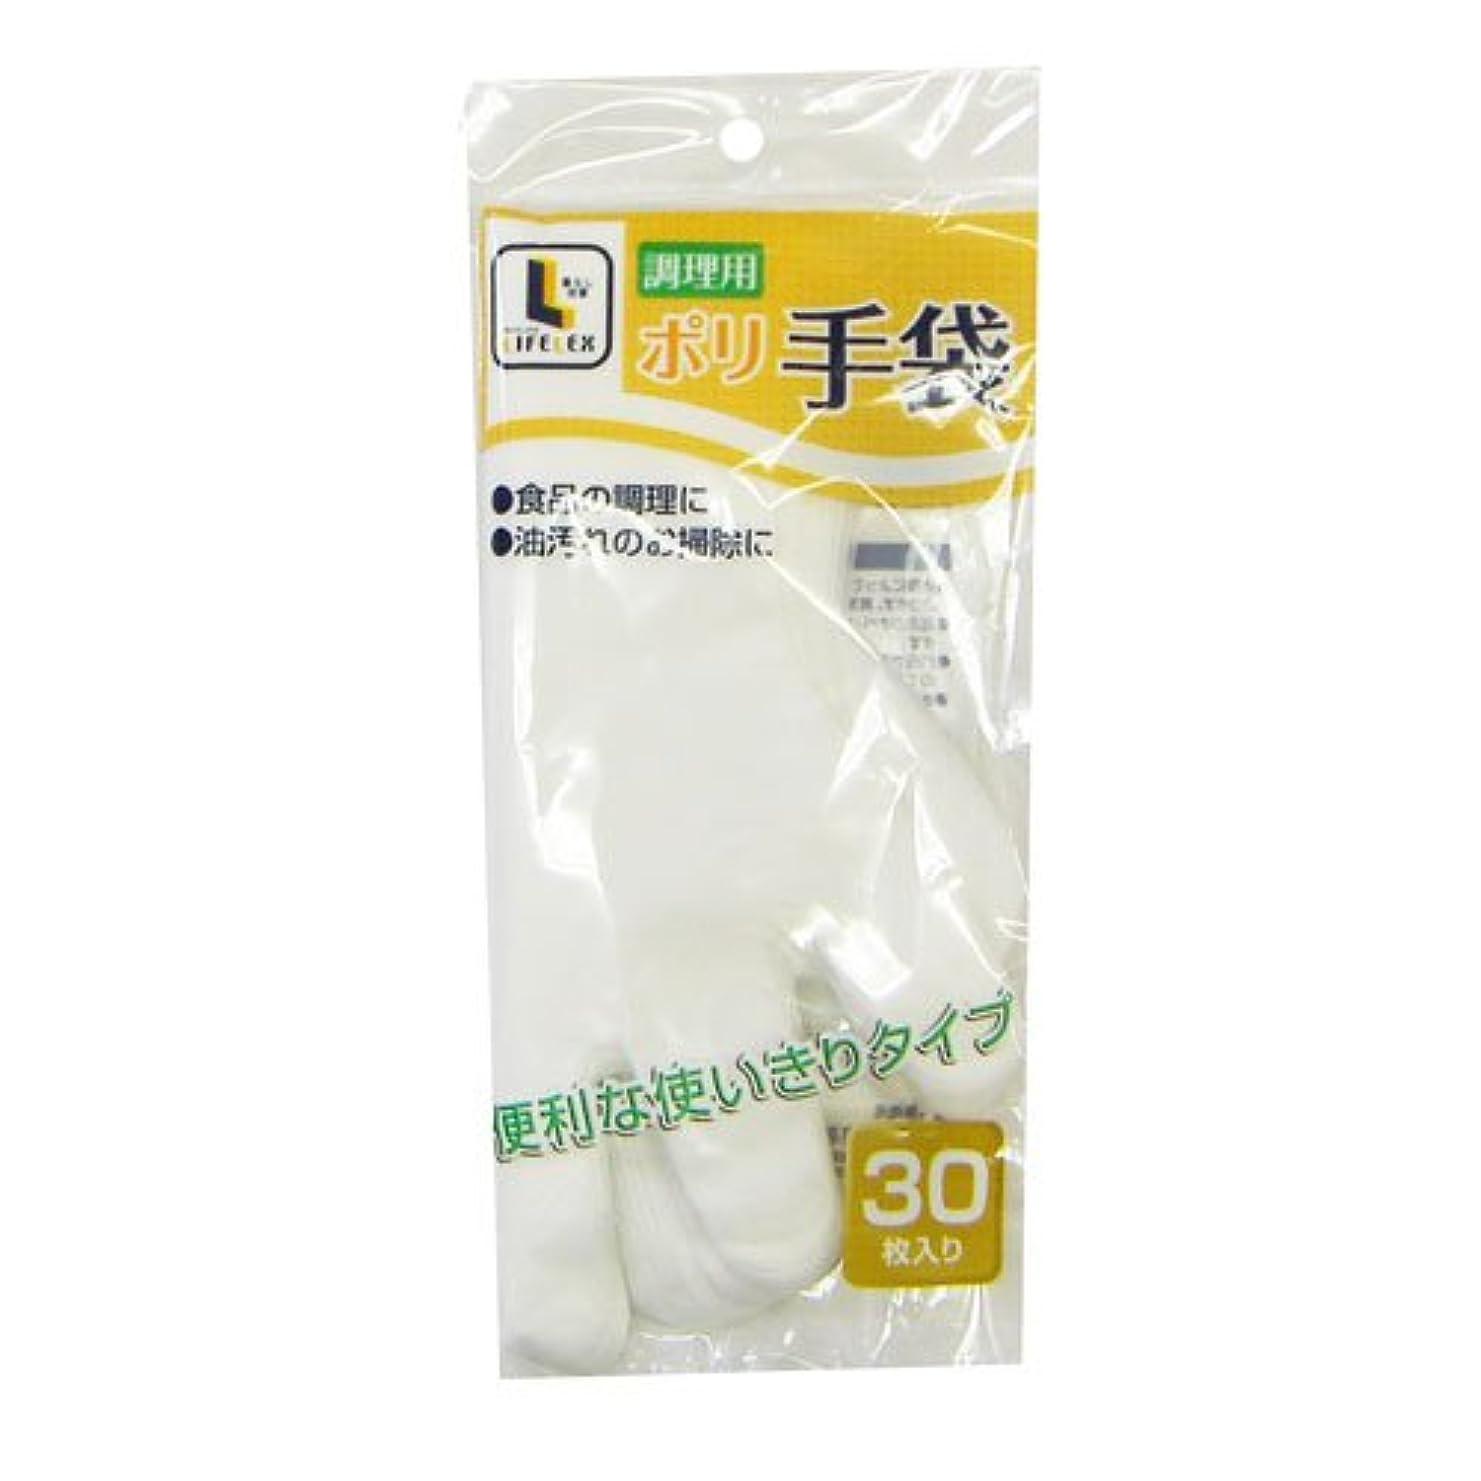 メッシュシダアウトドアコーナンオリジナル 調理用ポリ手袋 30枚入 KHD05-7510